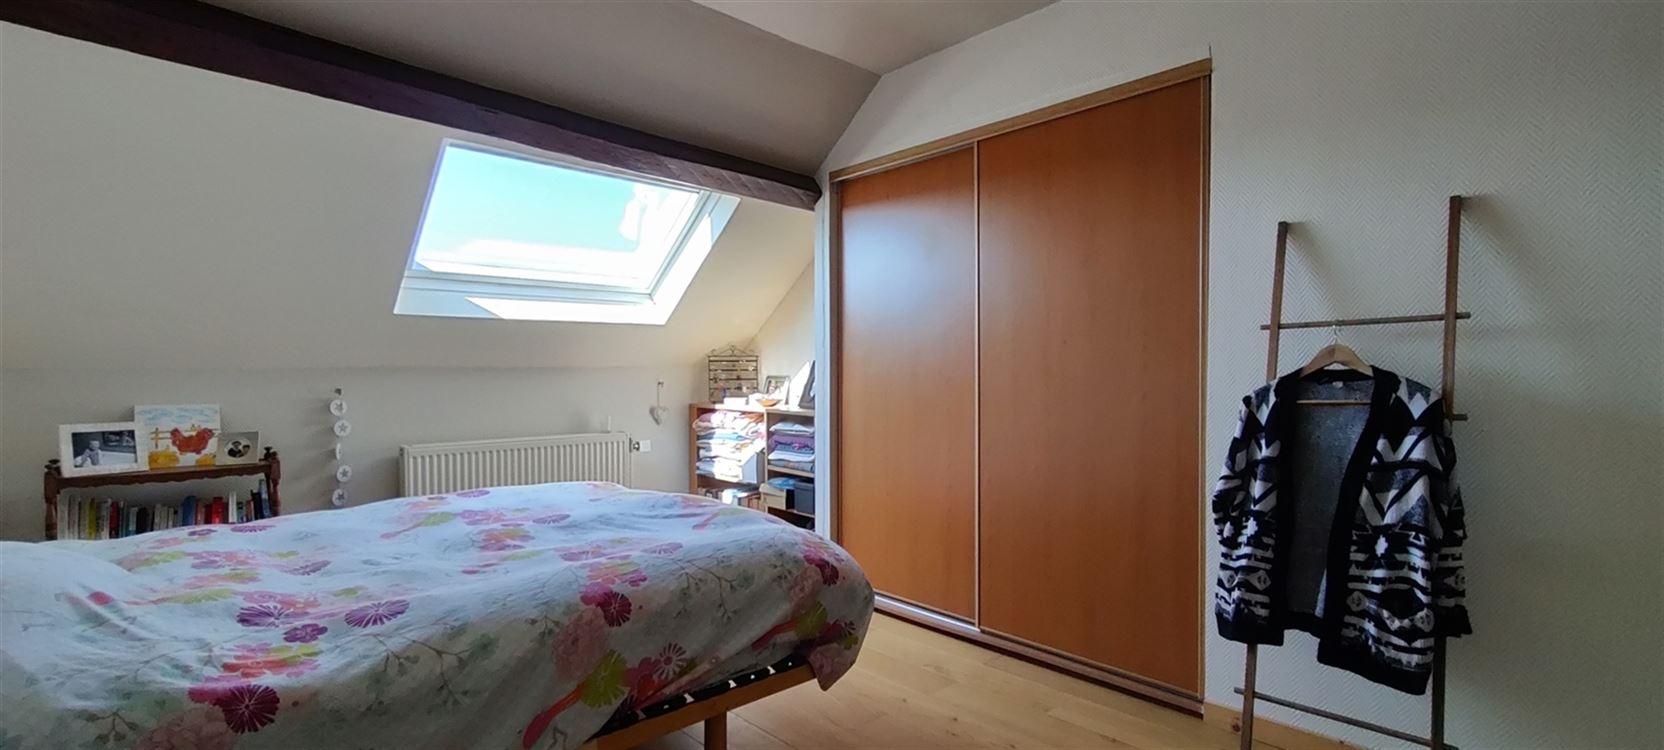 Foto 7 : Huis te 1490 COURT-SAINT-ETIENNE (België) - Prijs € 399.000